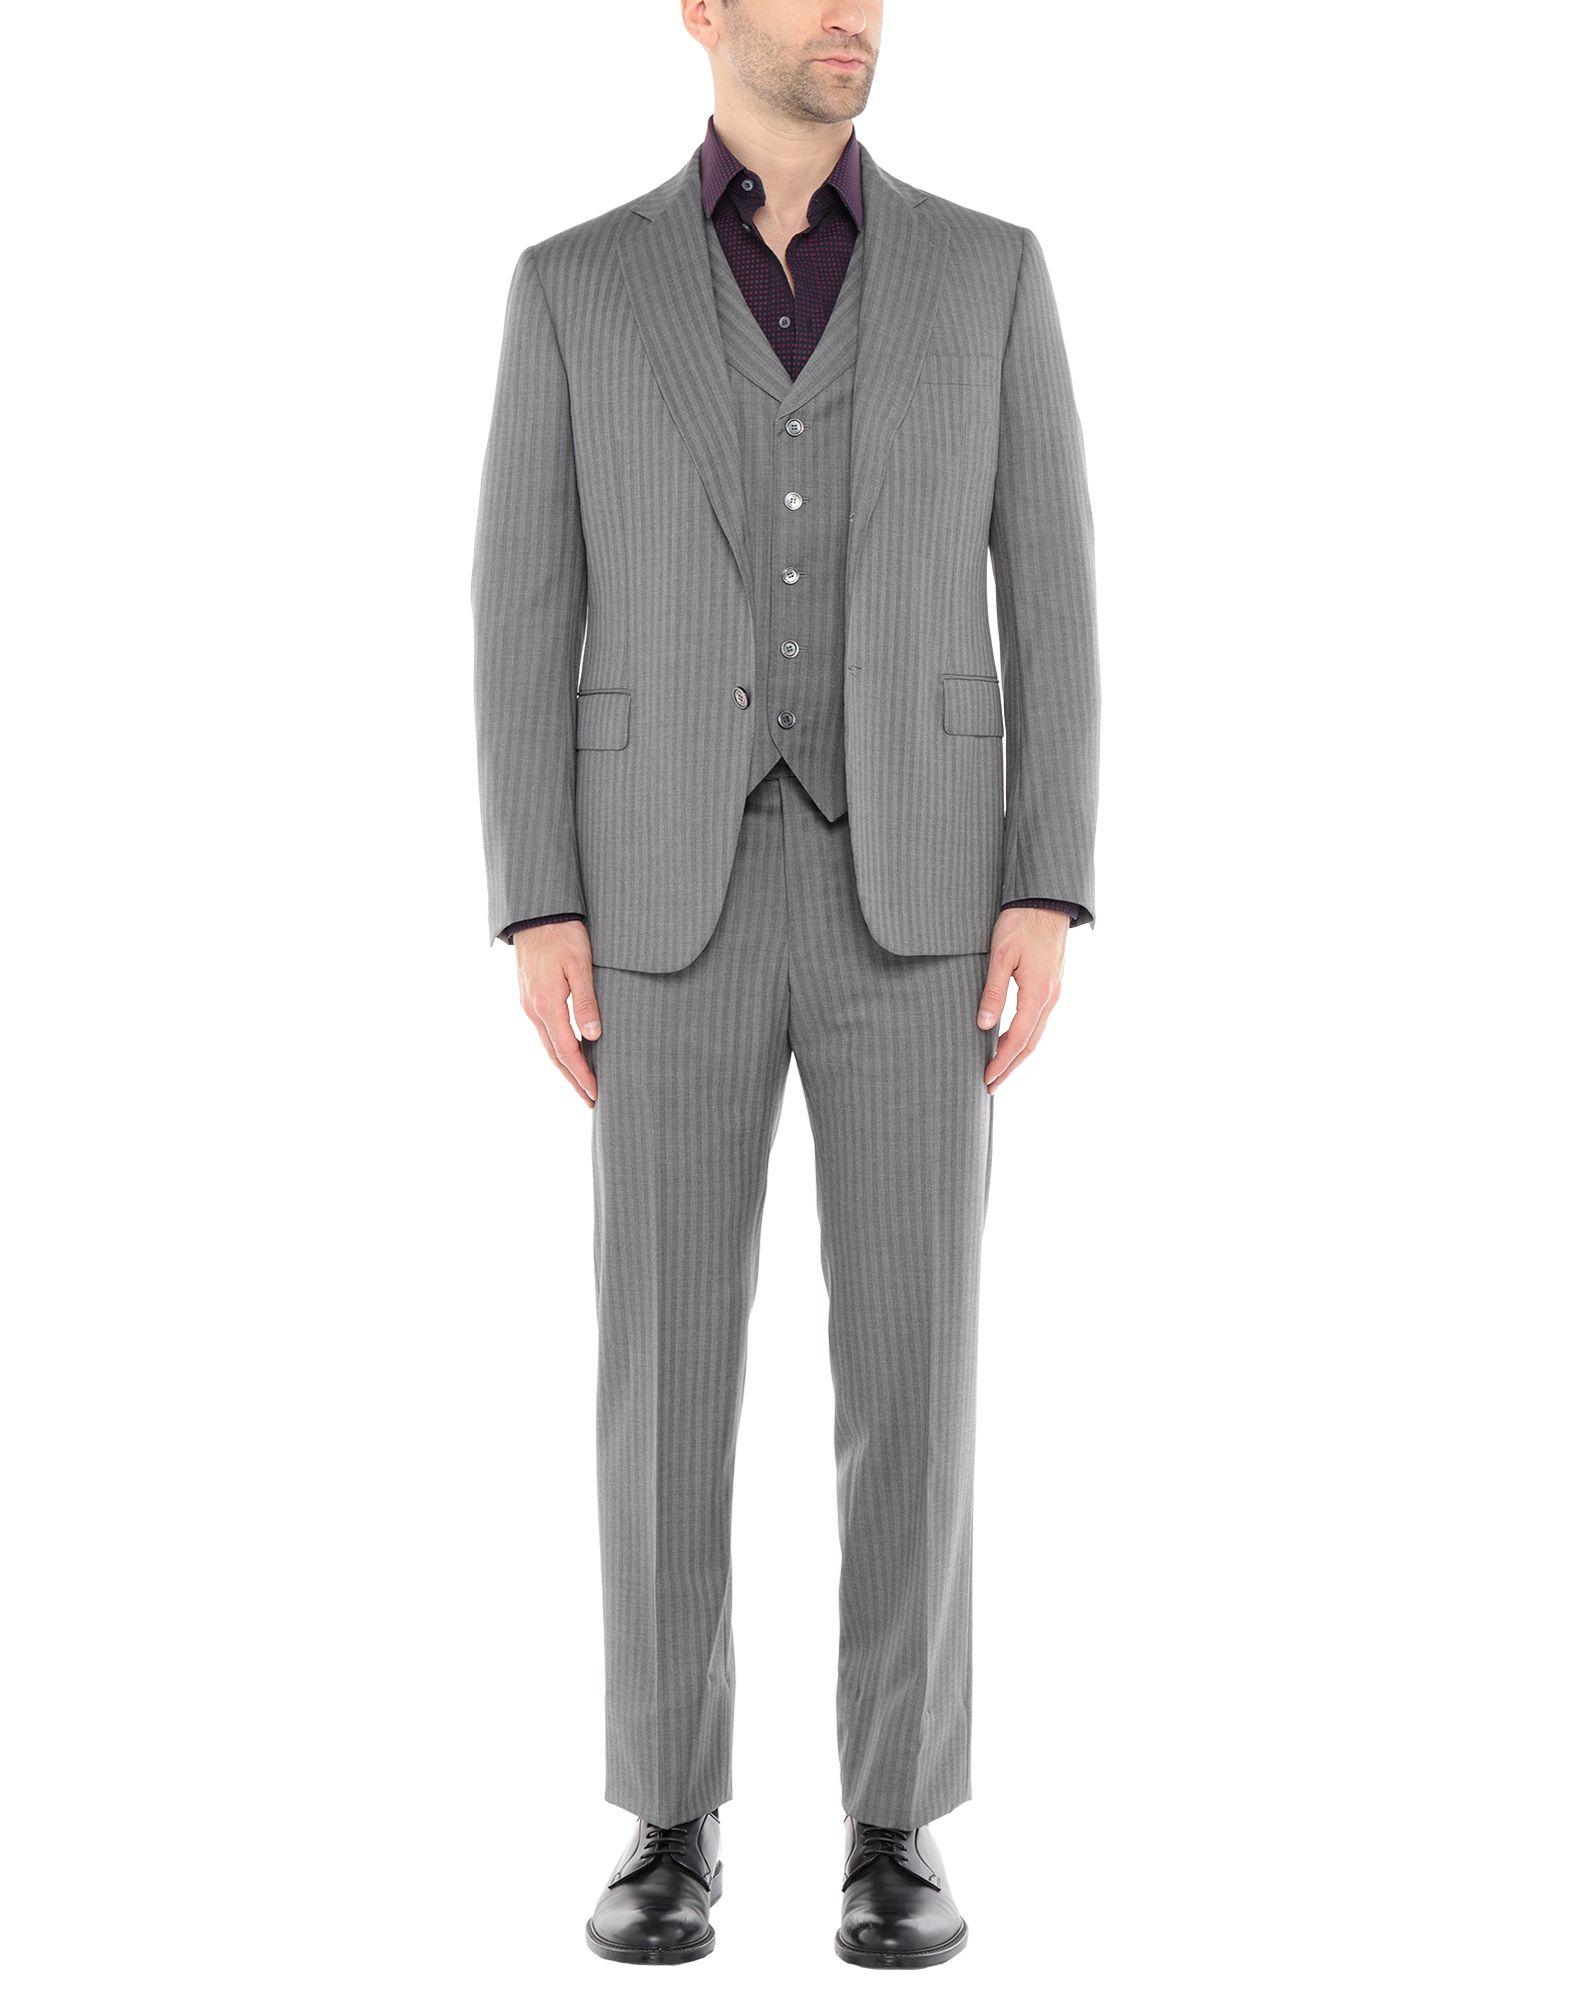 《送料無料》SARTORIA CASTANGIA メンズ スーツ グレー 50 スーパー130 ウール 100%